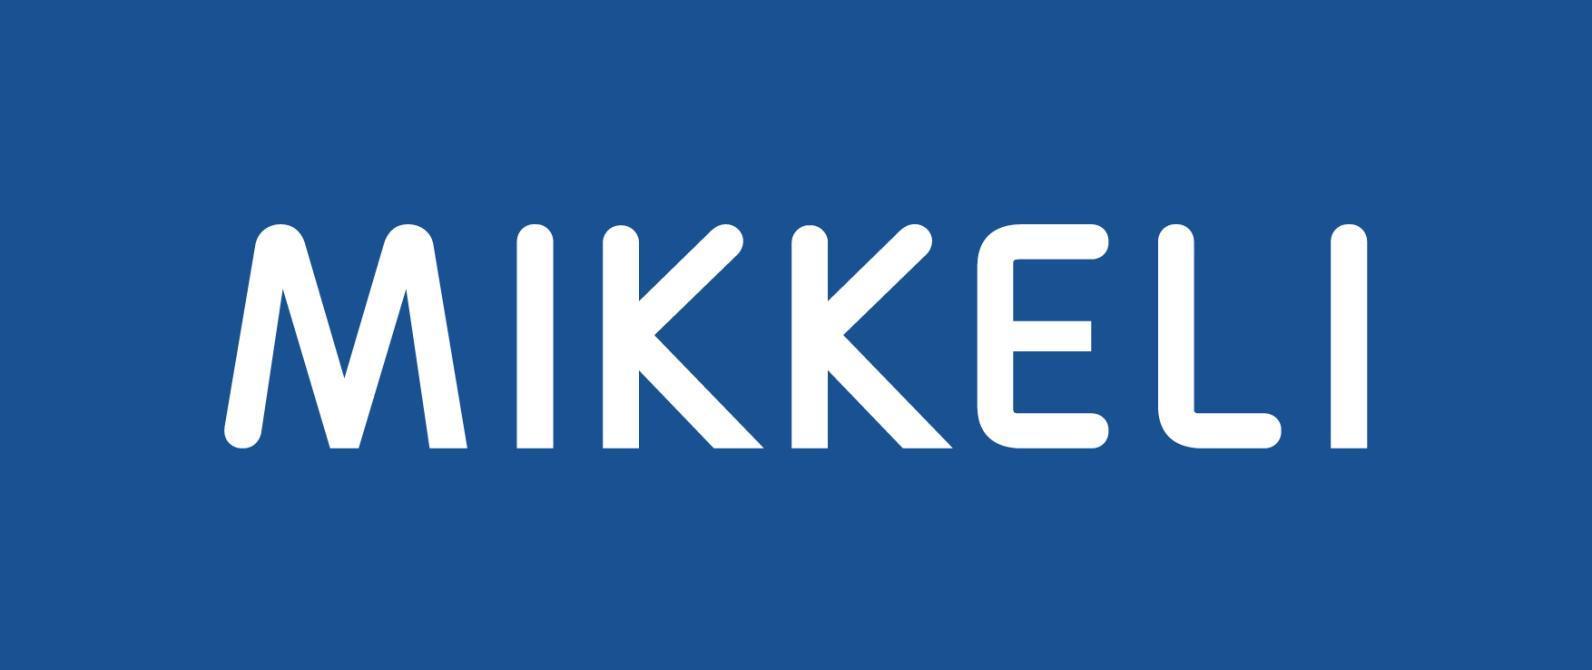 Mikkelin -